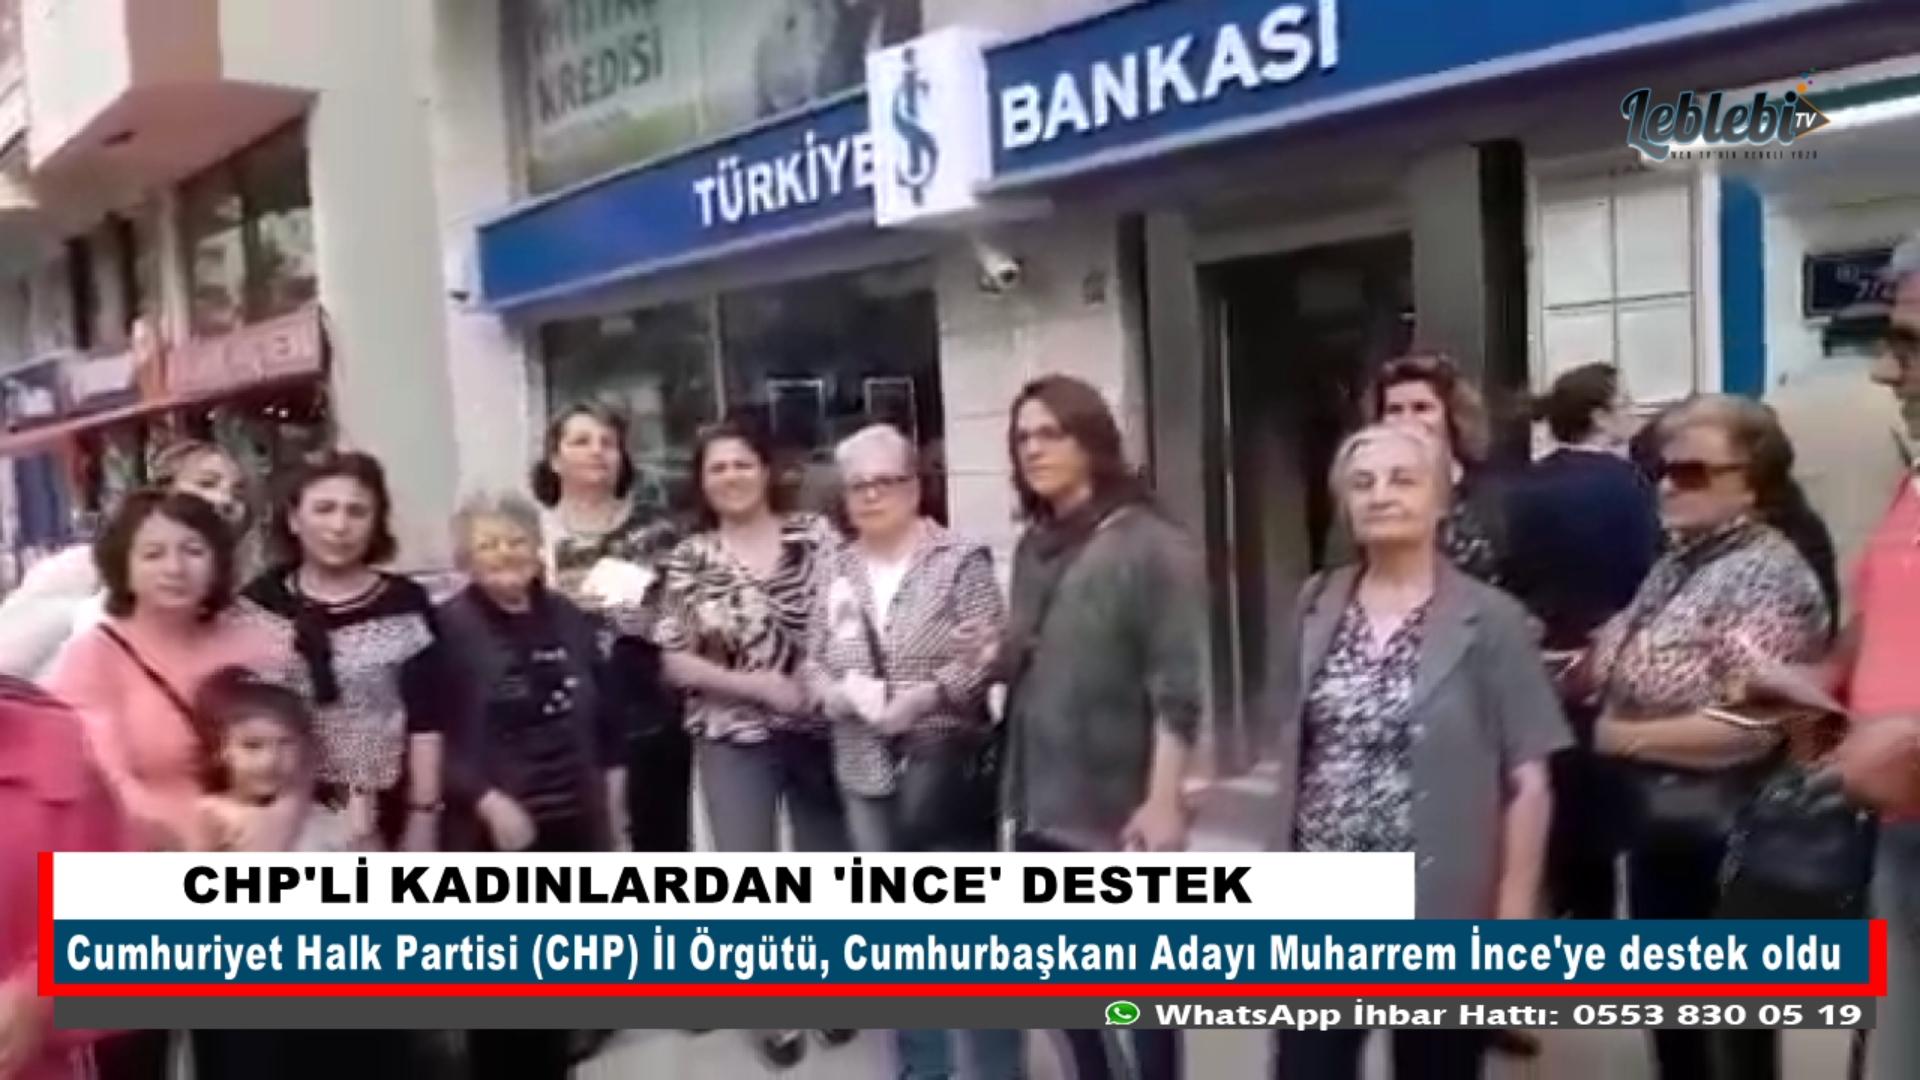 CHP'Lİ KADINLARDAN 'İNCE' DESTEK